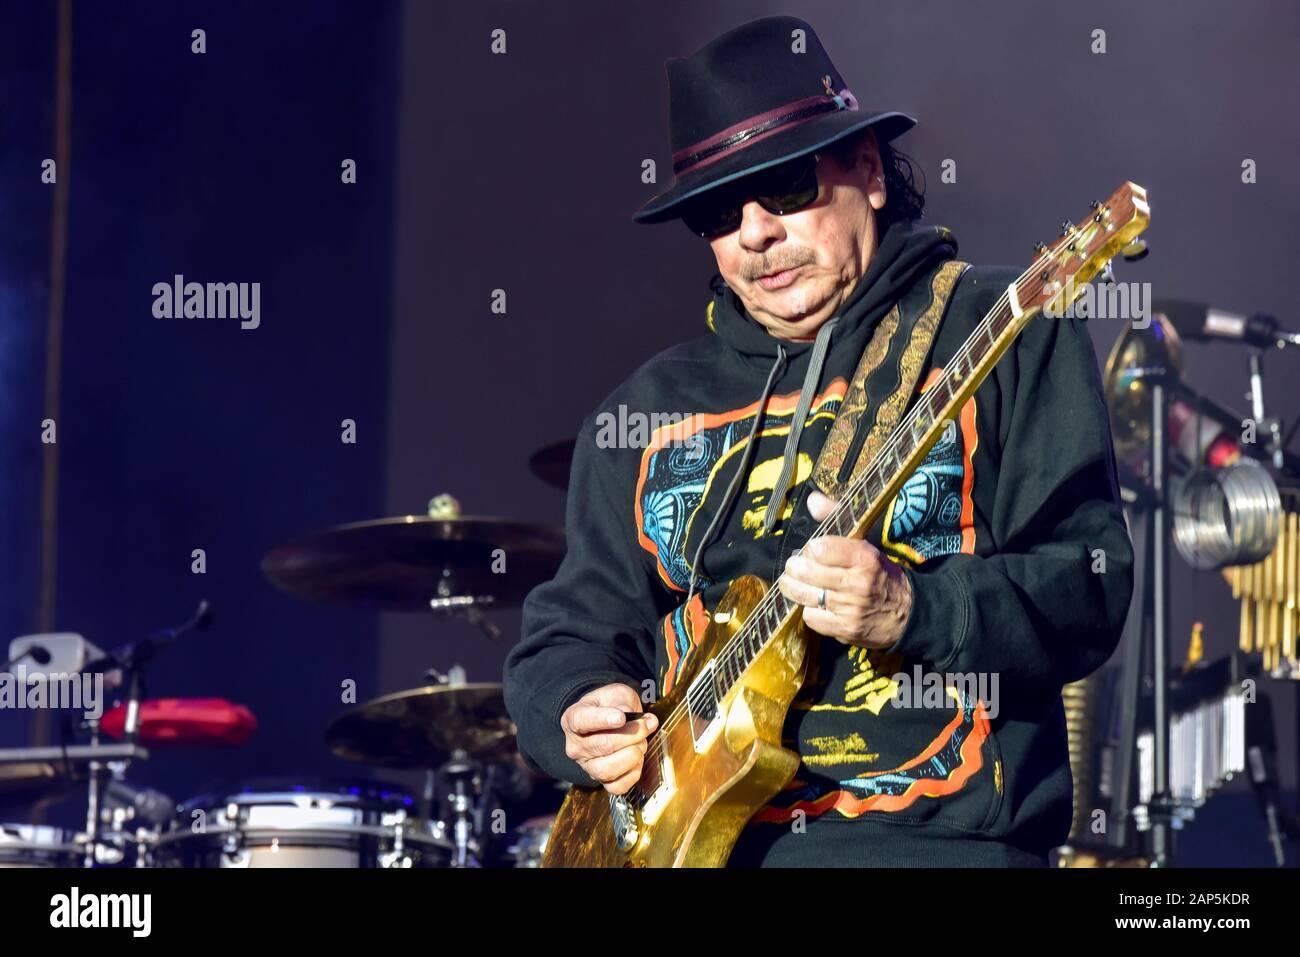 Carlos Santana sur scène à l'Bottlerock Festival, Napa, Californie,USA Banque D'Images